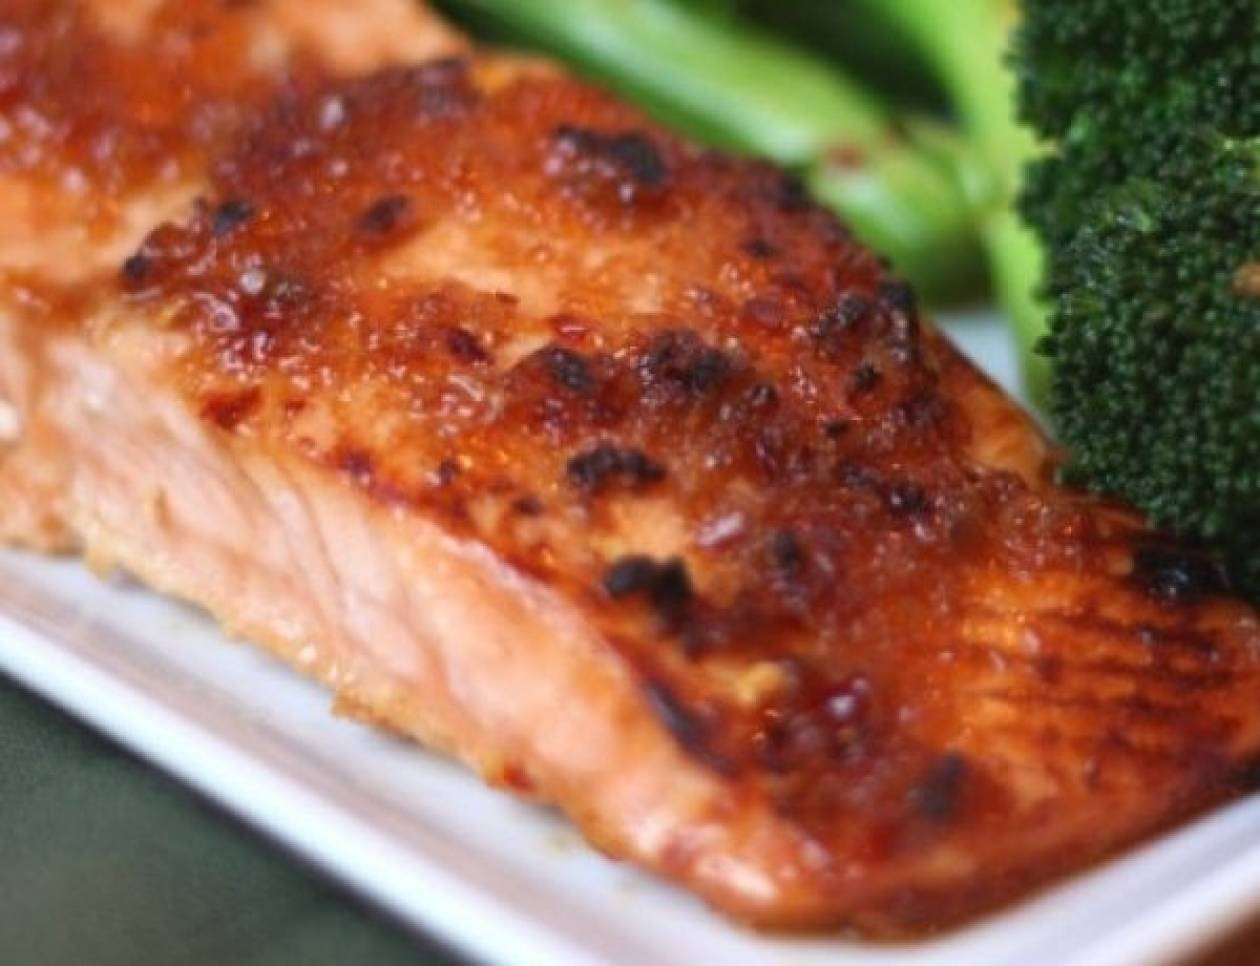 Θέλετε να χάσετε κιλά, ή να διατηρήσετε το βάρος σας;